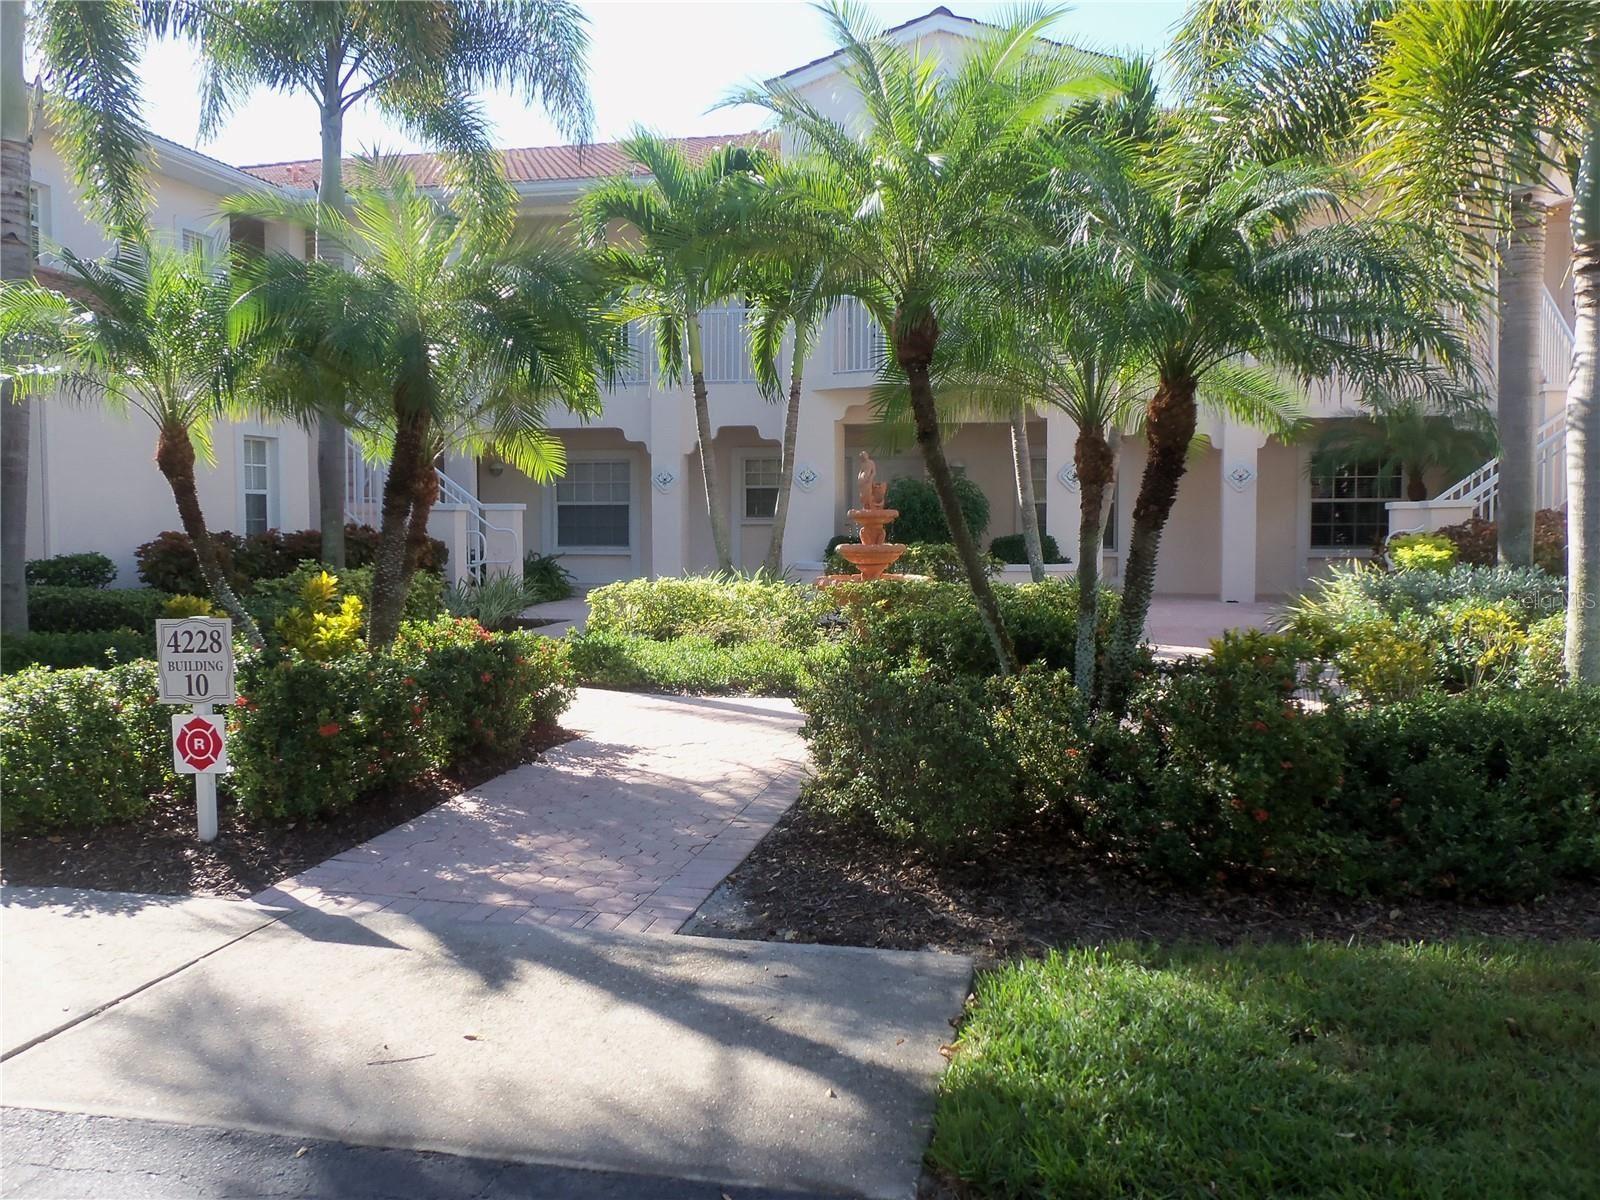 4228 CENTRAL SARASOTA PARKWAY #1015, Sarasota, FL 34238 - #: A4515512